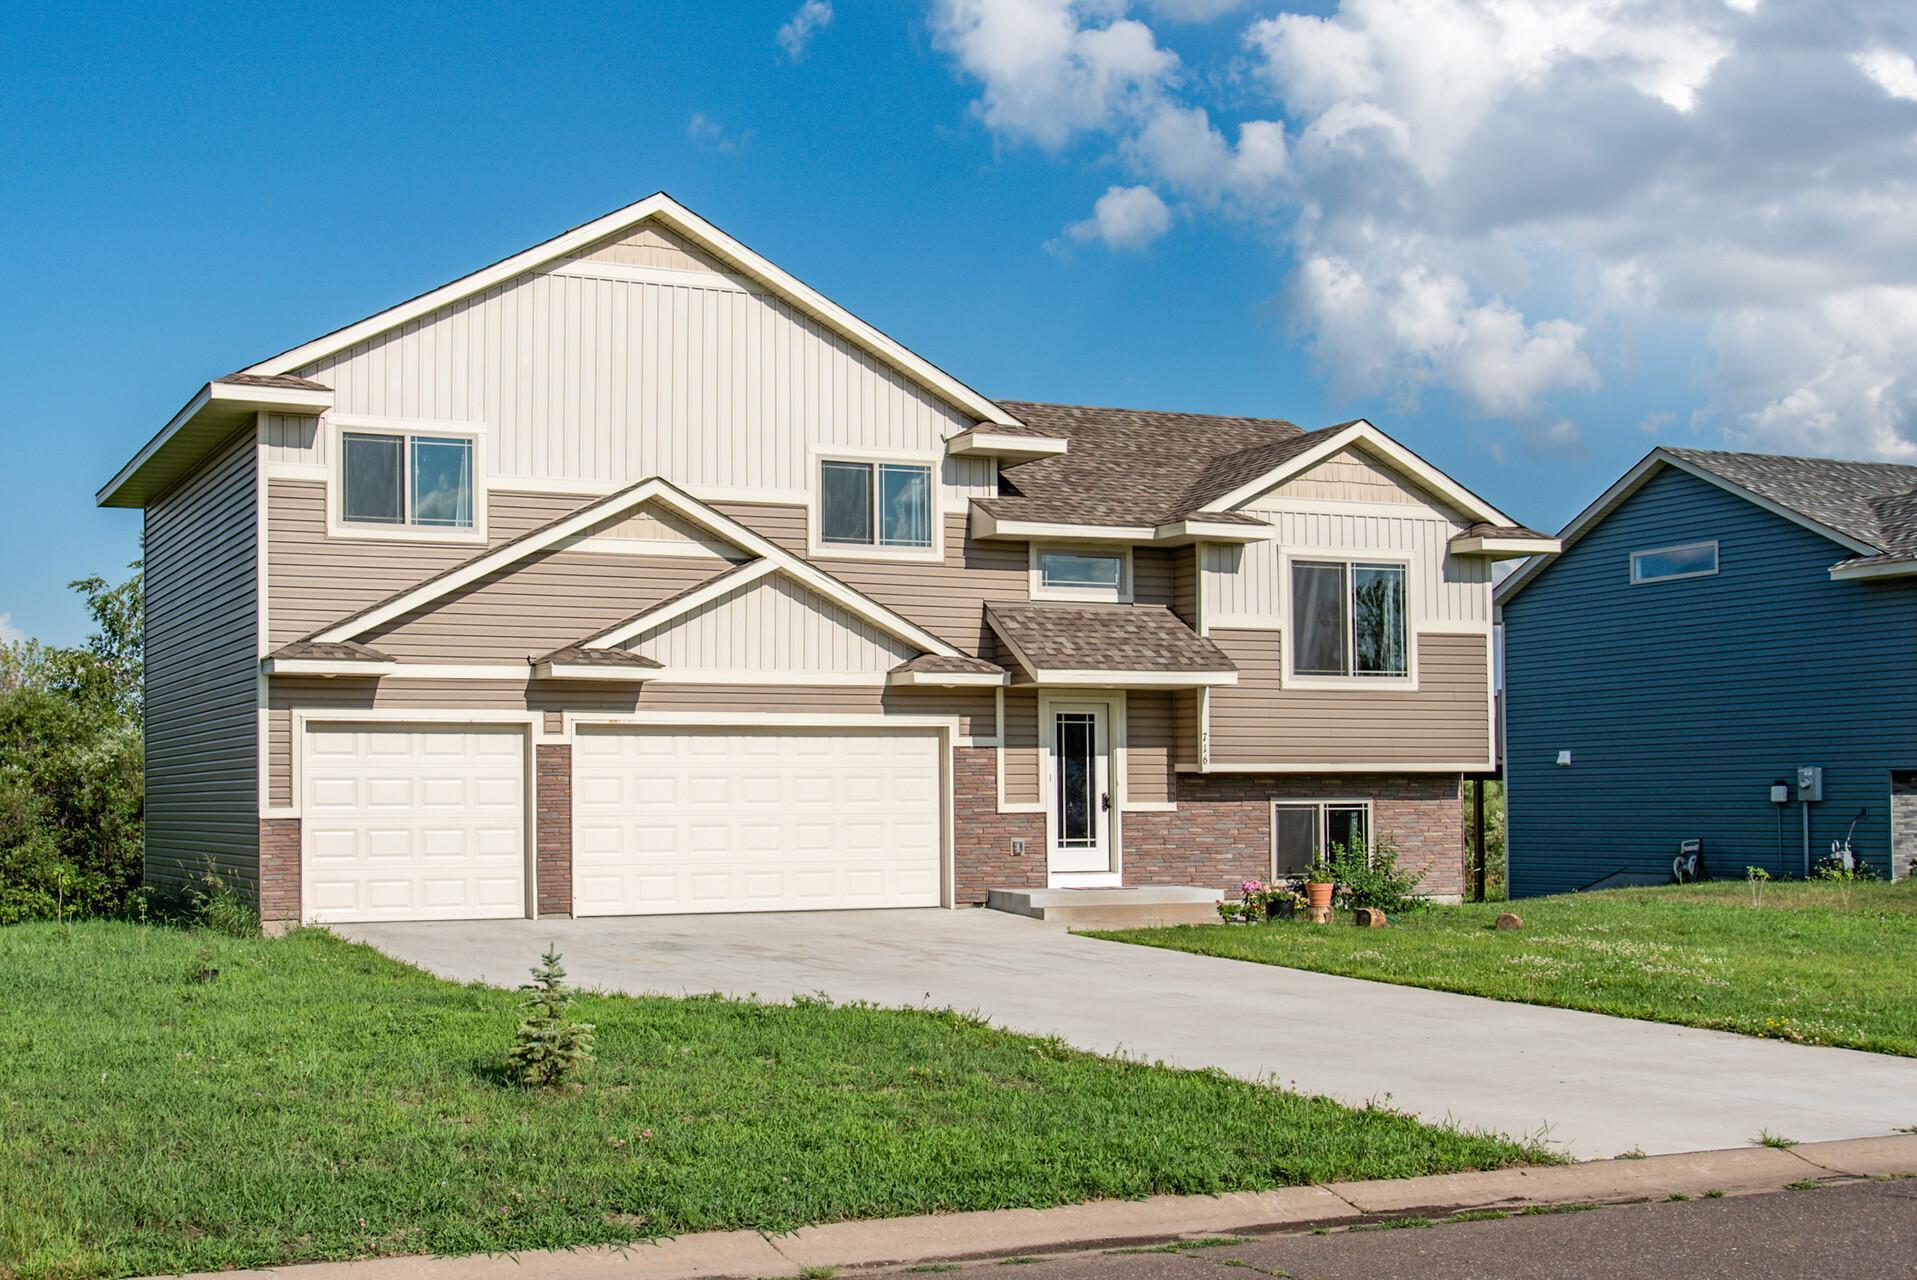 716 Horseshoe Property Photo - Braham, MN real estate listing